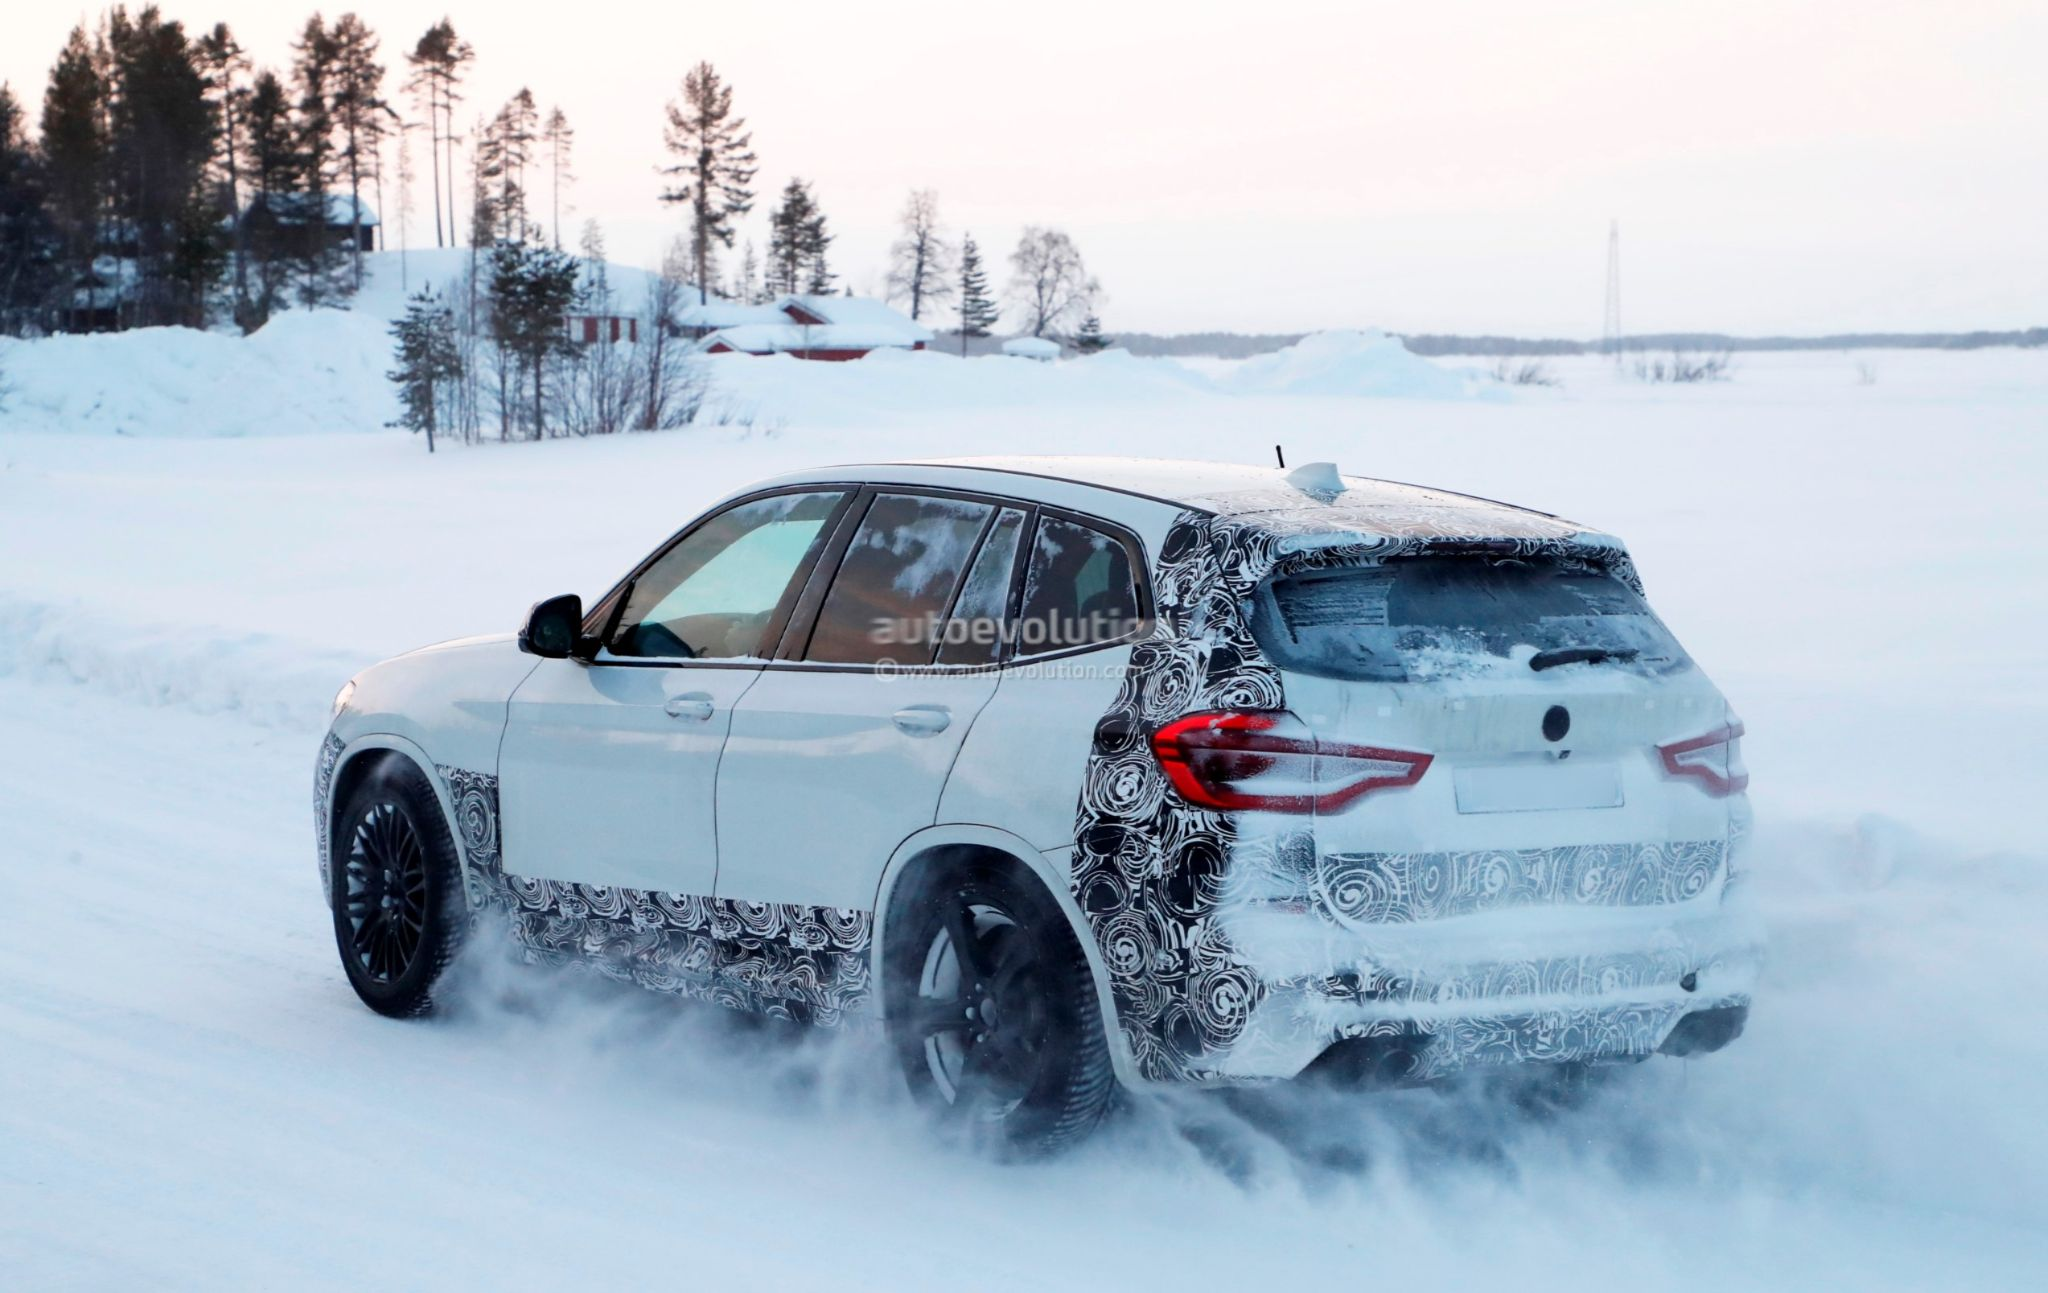 Spyshots: 2019 BMW X3 M Interior Reveals M5 Steering Wheel ...